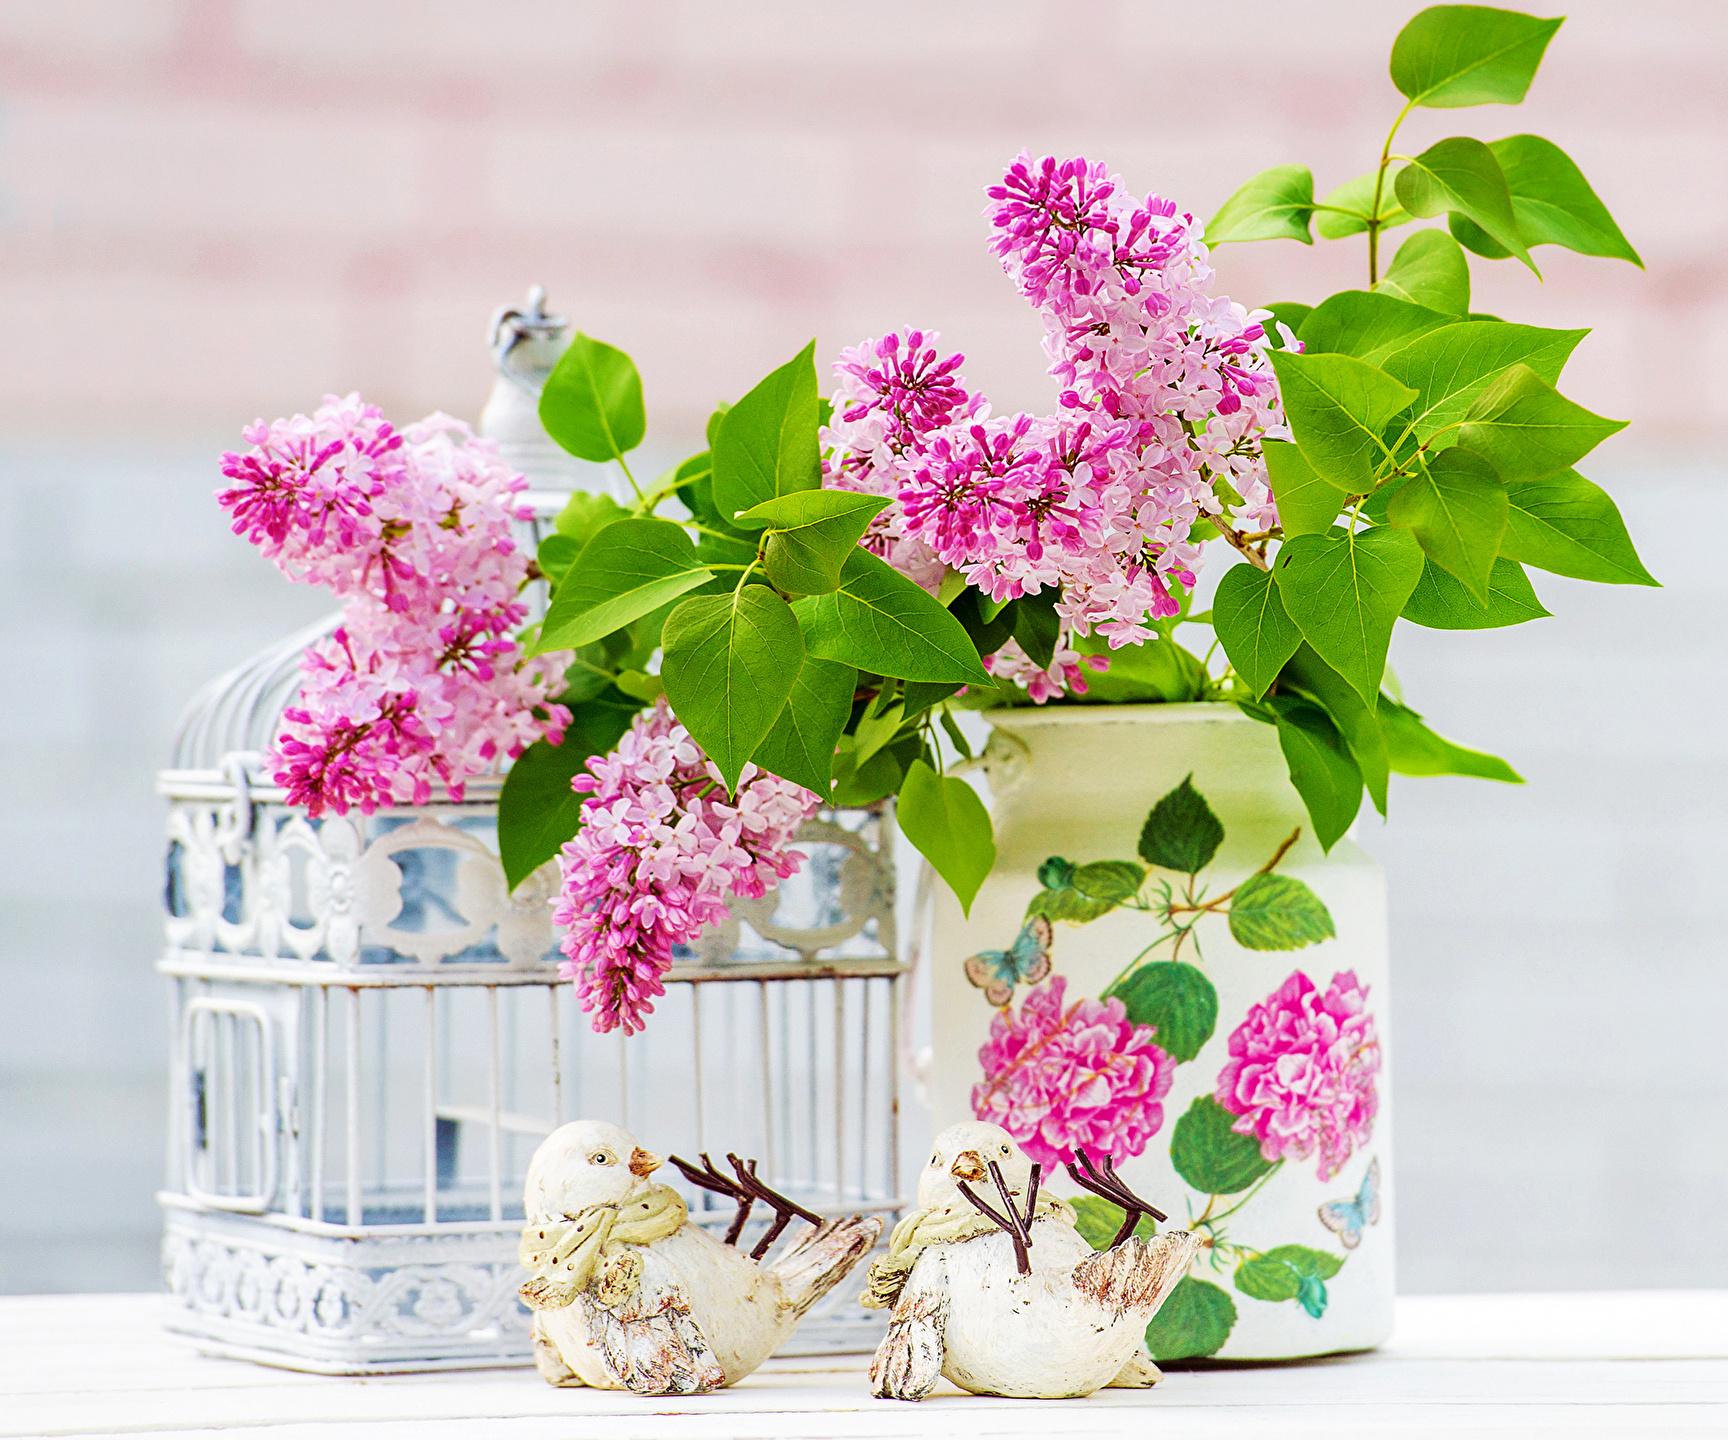 природа цветы ваза сирень  № 3063847 без смс